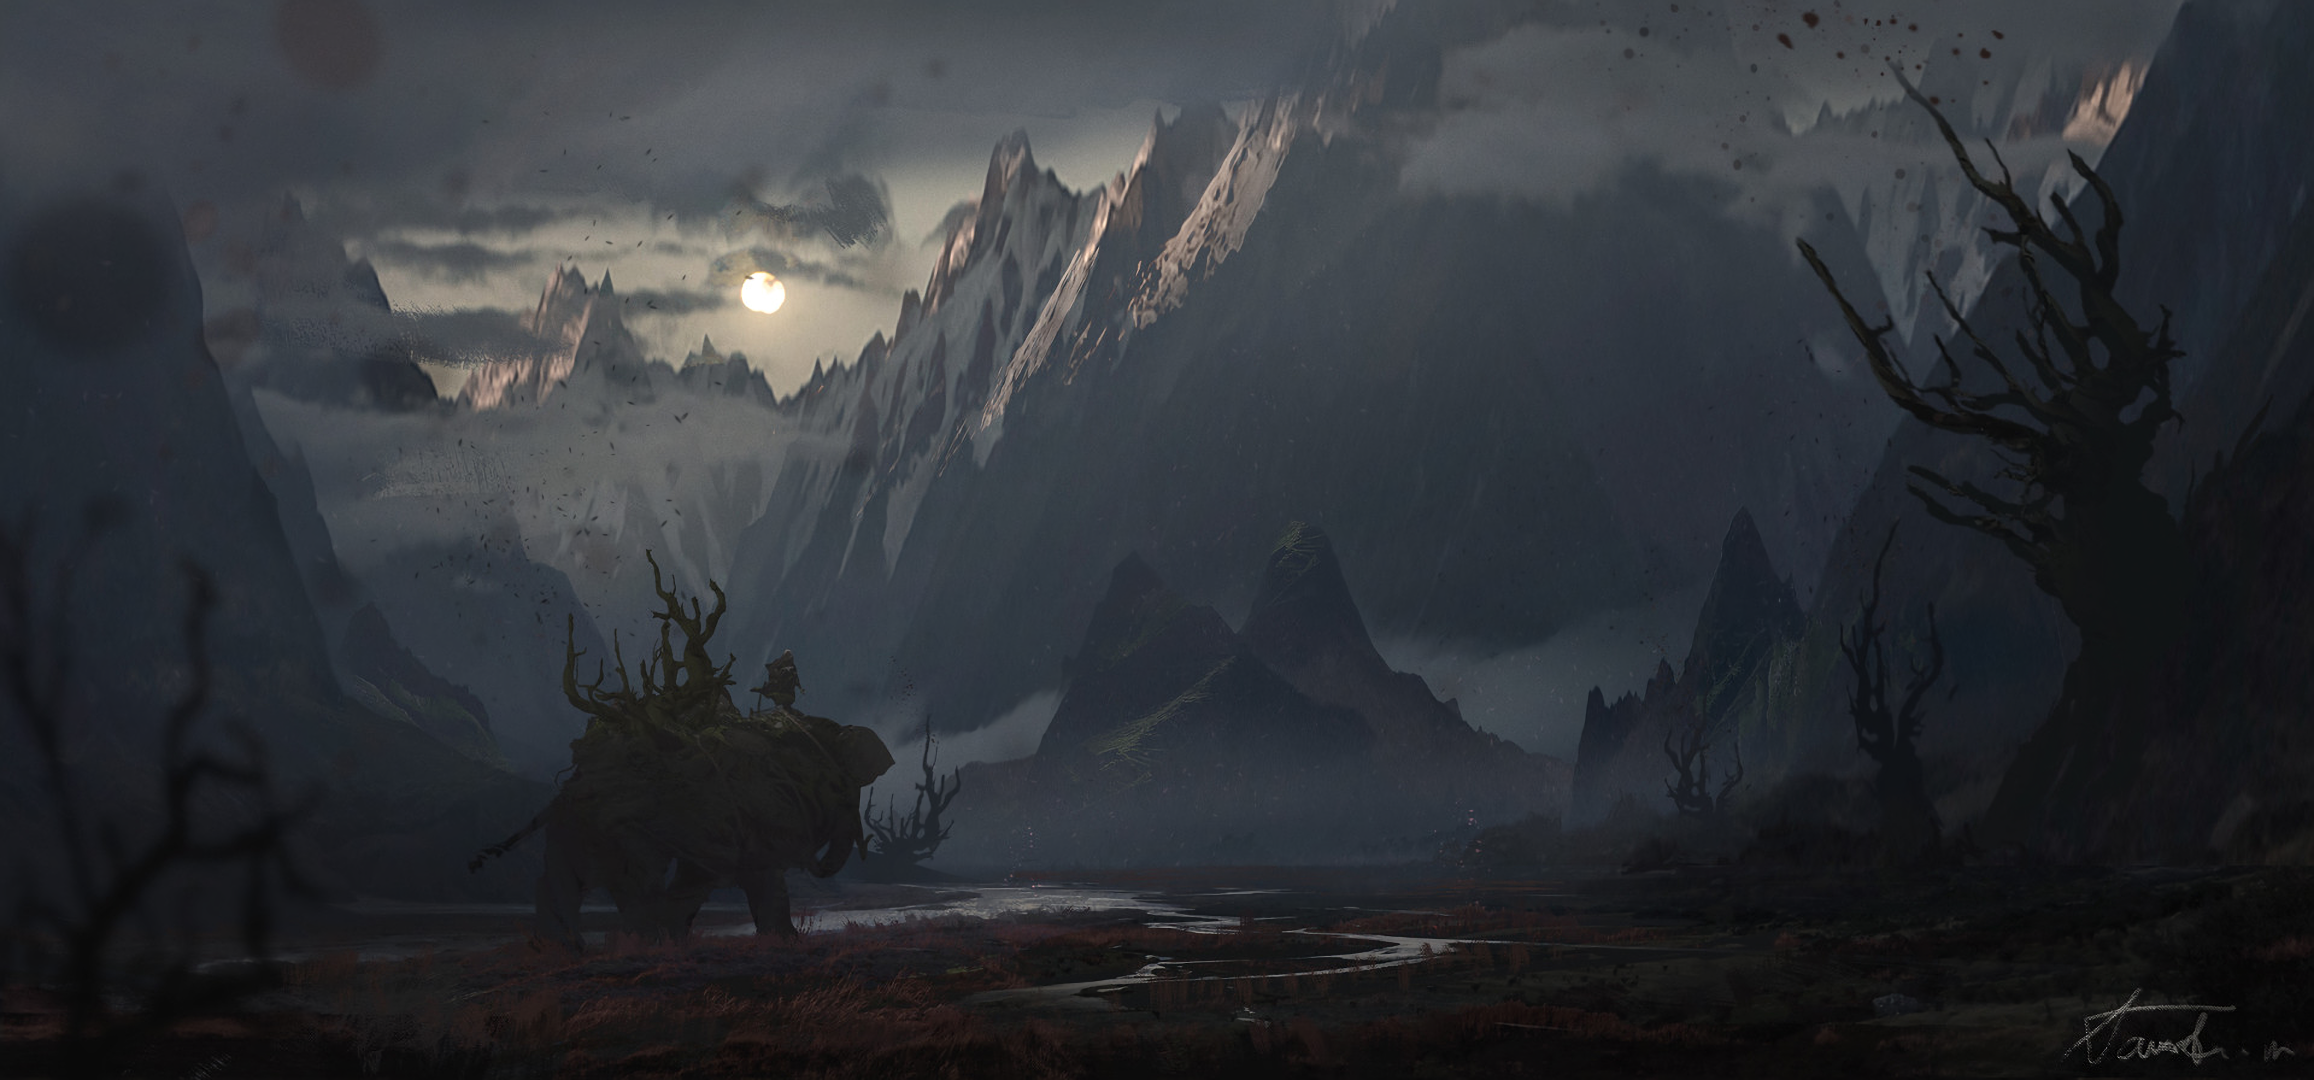 Fondos de pantalla de paisajes oscuros